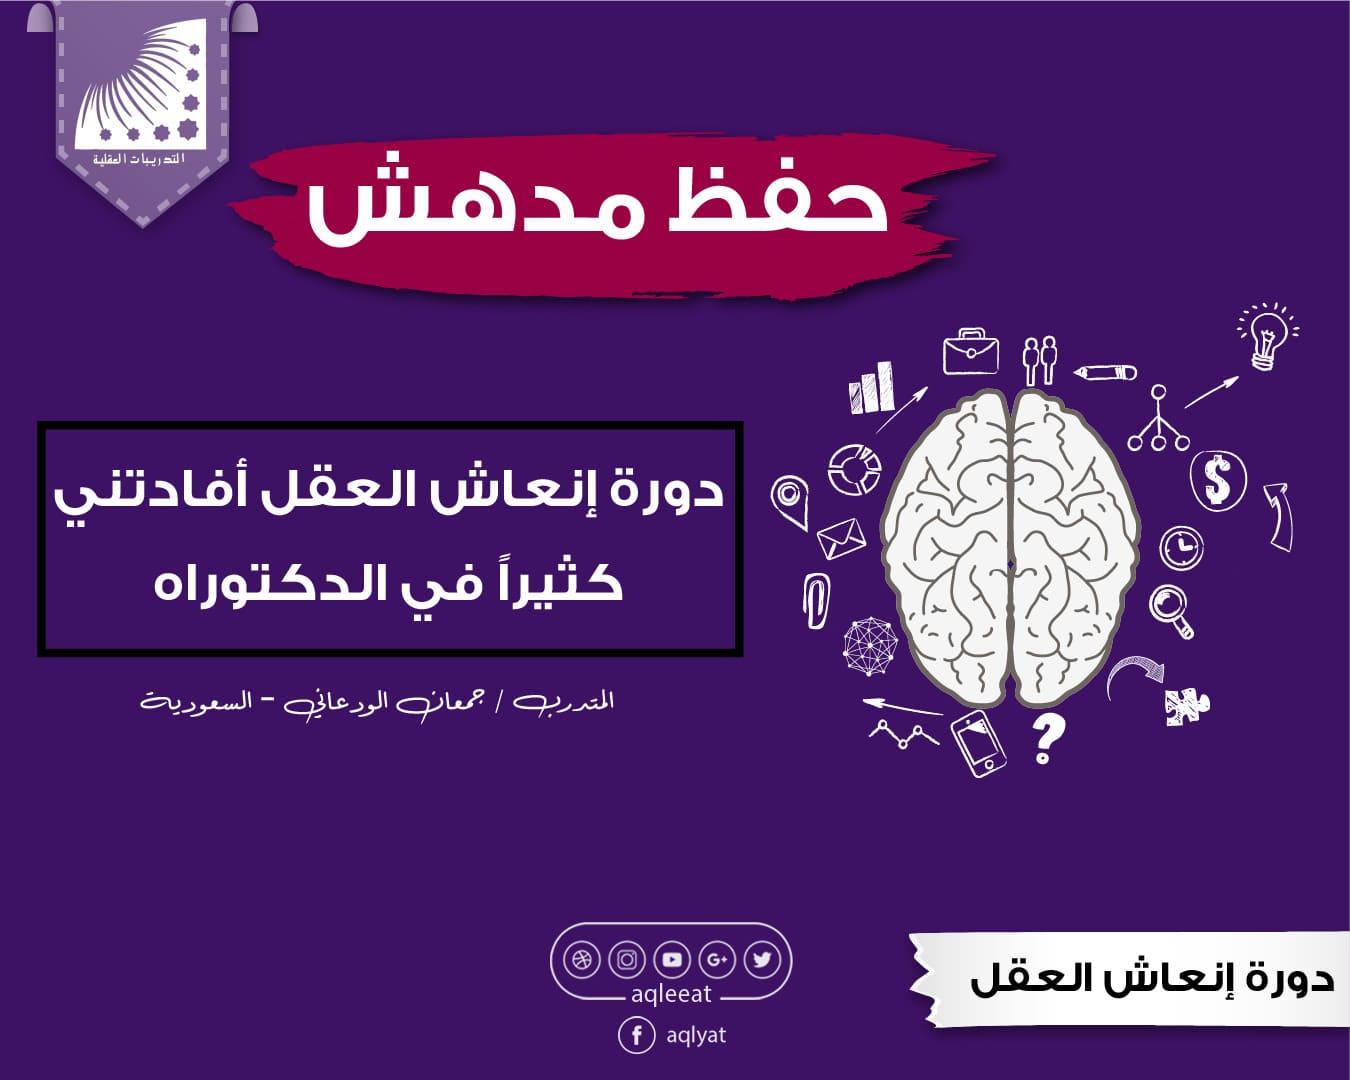 كيف تتعلم القران الكريم ، حفظ القران بالاحكام ، اسهل الطرق لحفظ القرآن